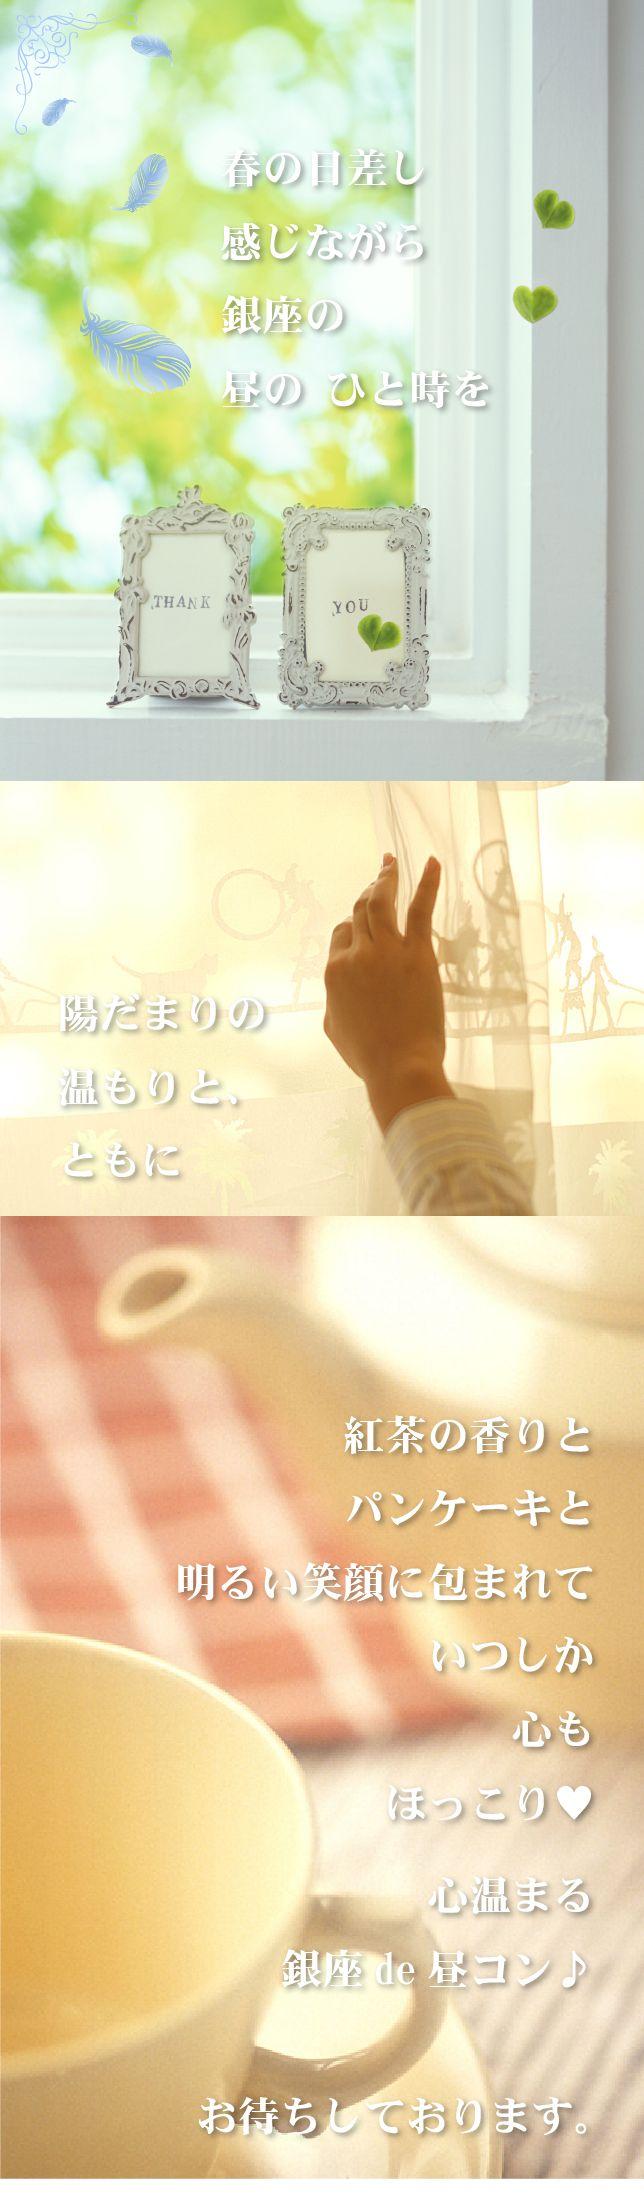 銀座de昼コン 春